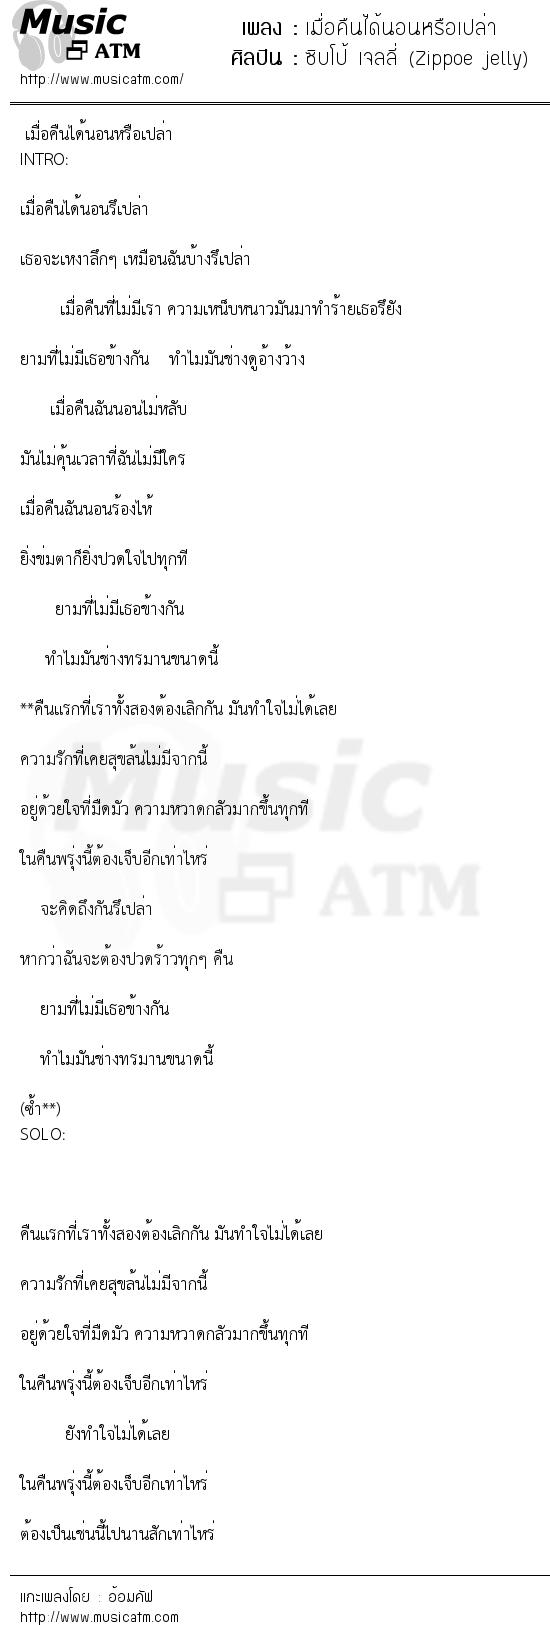 เนื้อเพลง เมื่อคืนได้นอนหรือเปล่า - ซิบโป้ เจลลี่ (Zippoe jelly)   เพลงไทย